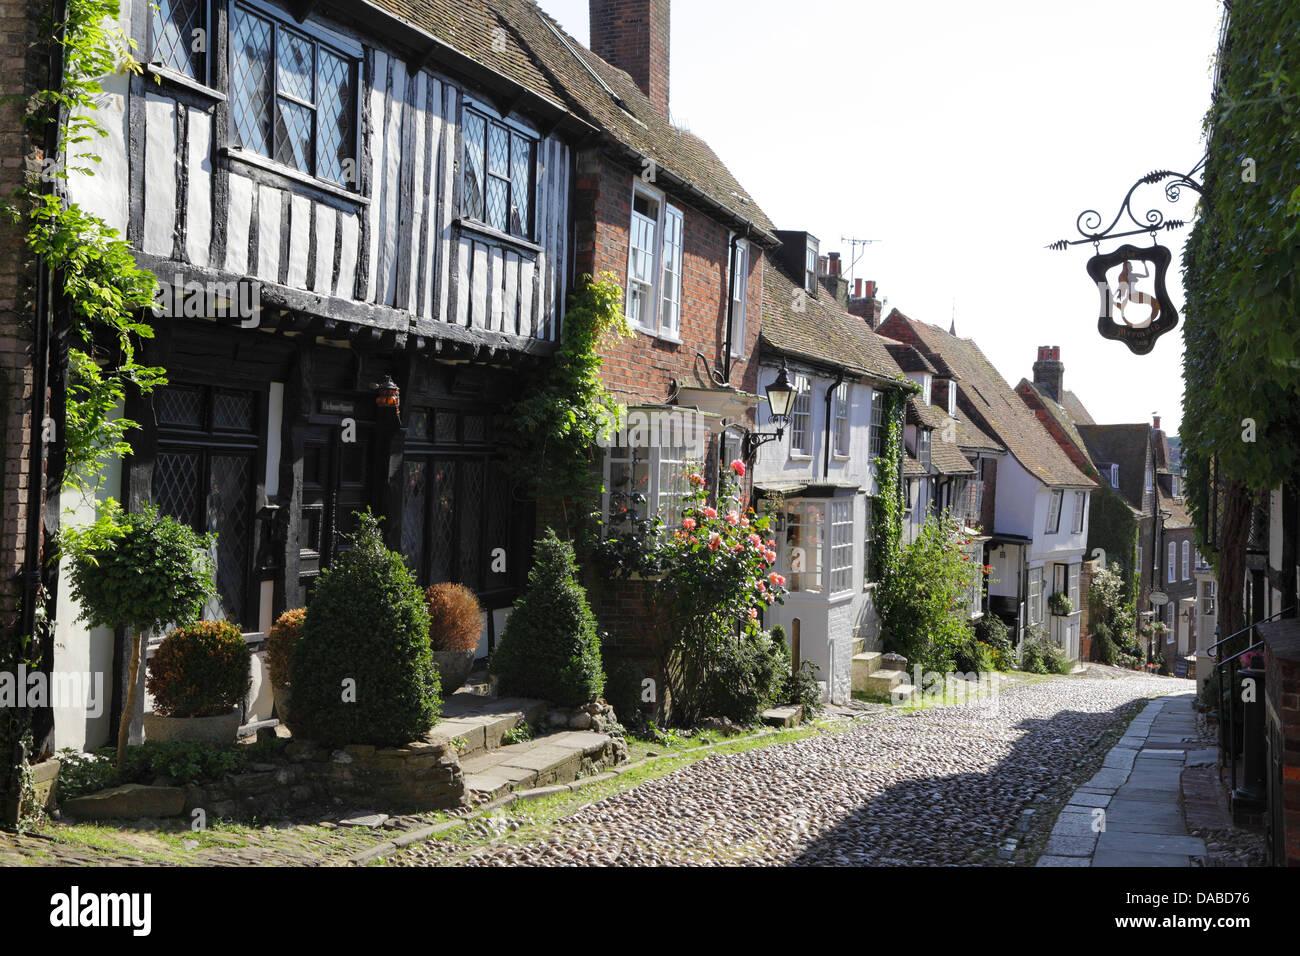 Mermaid Street, Rye, East Sussex, England, UK, GB - Stock Image